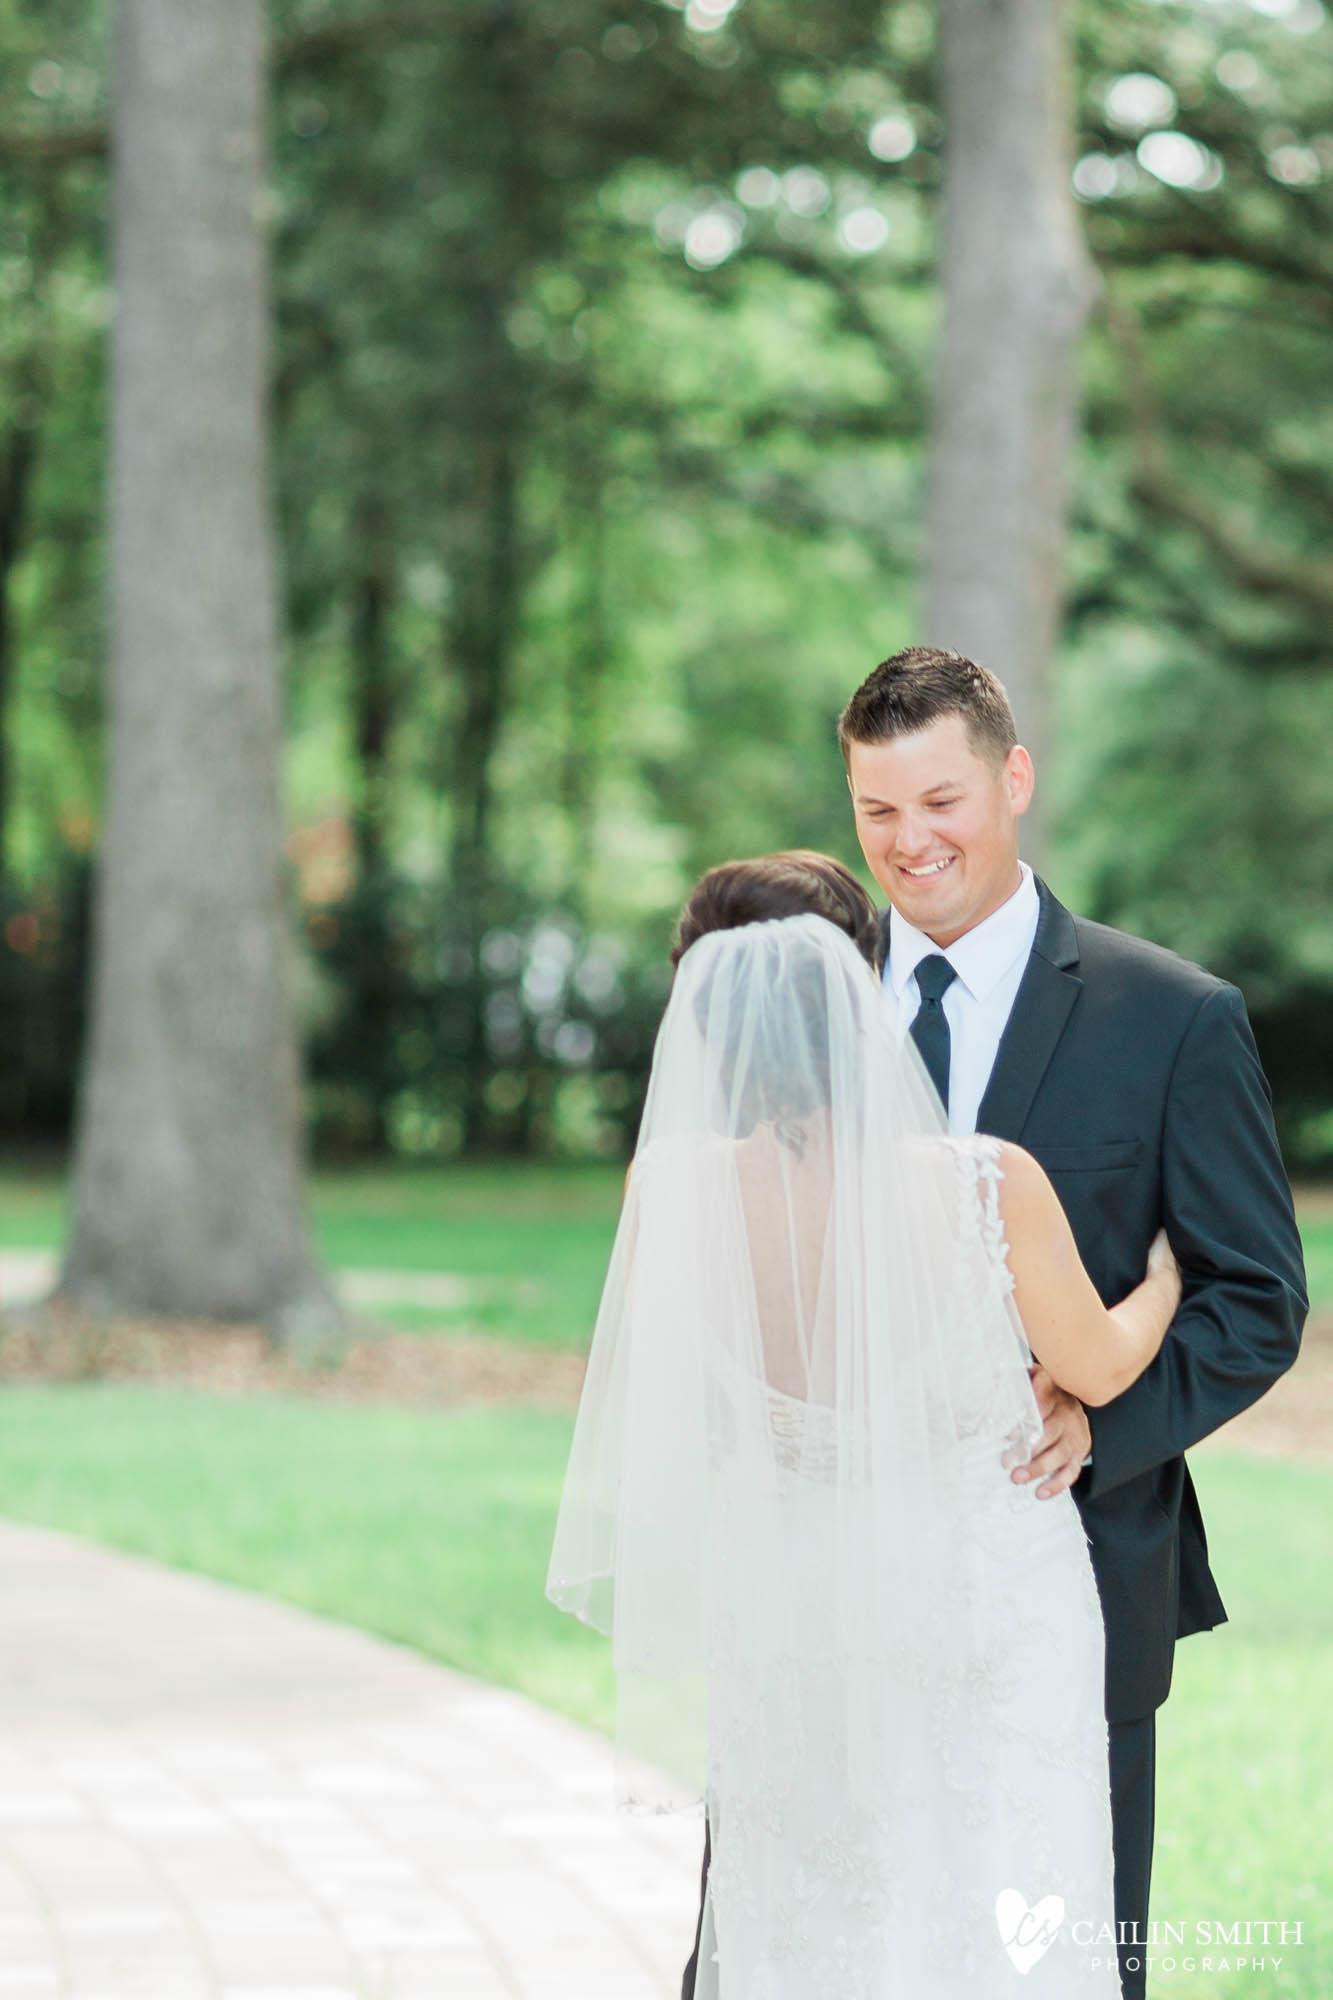 Bethany_Kyle_Bowing_Oaks_Plantation_Wedding_Photography_0033.jpg